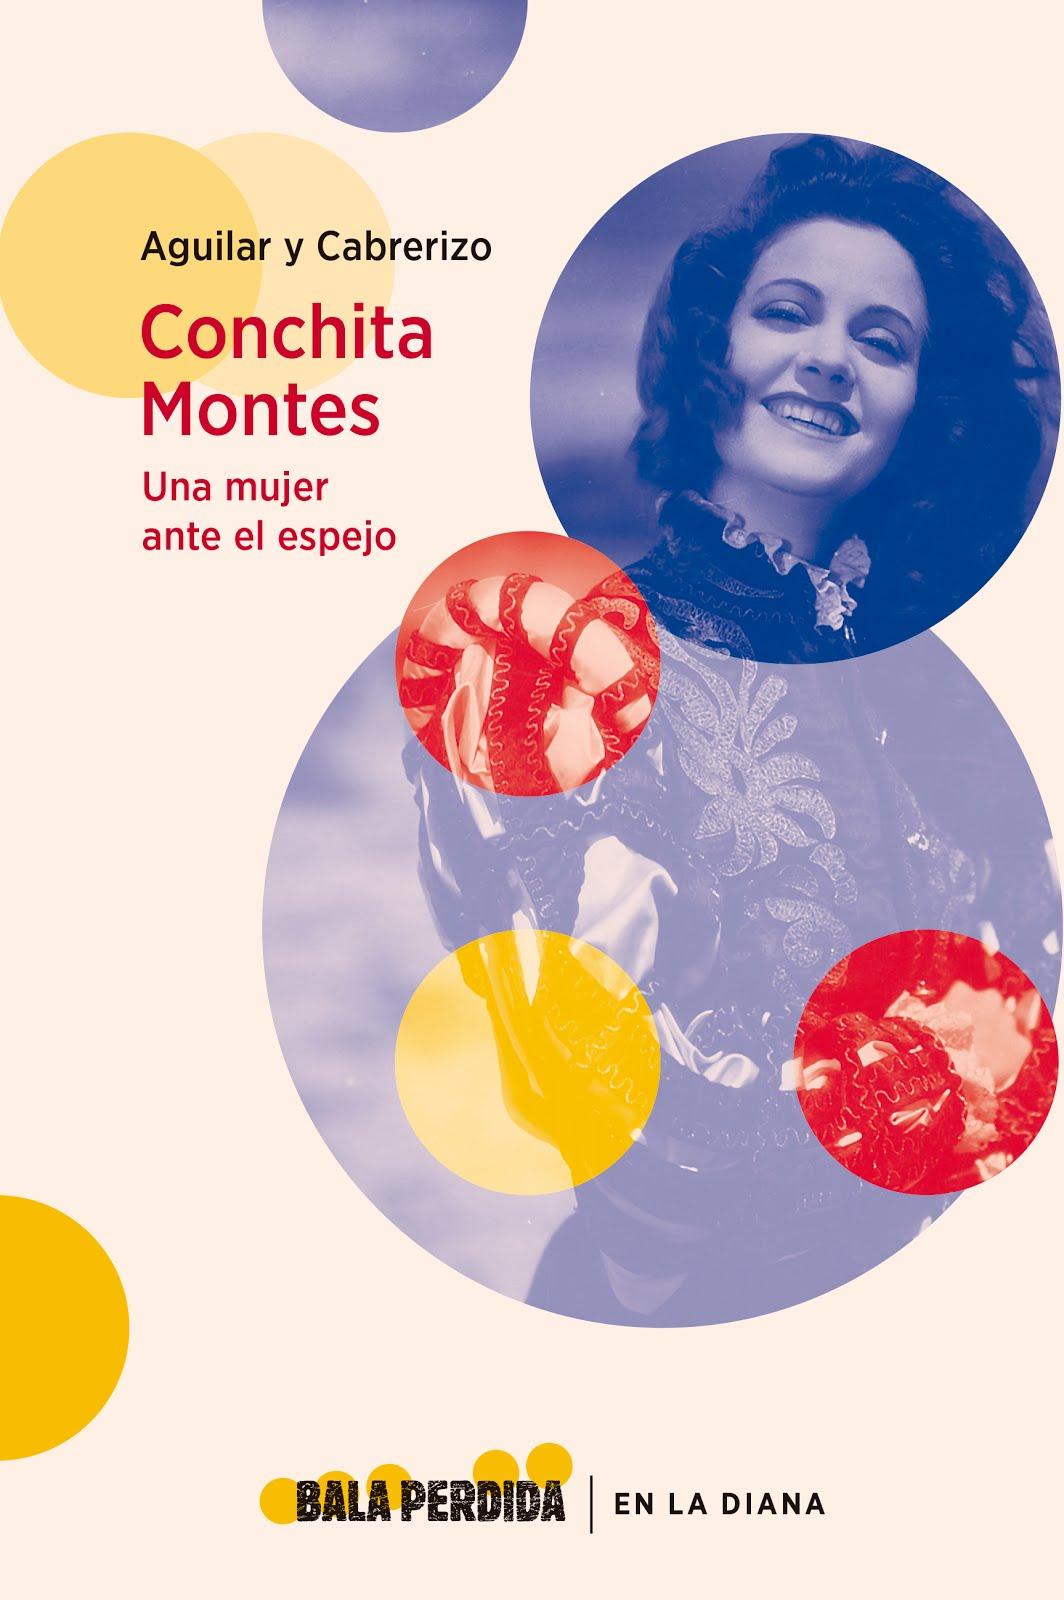 Conchita Montes, una mujer ante el espejo